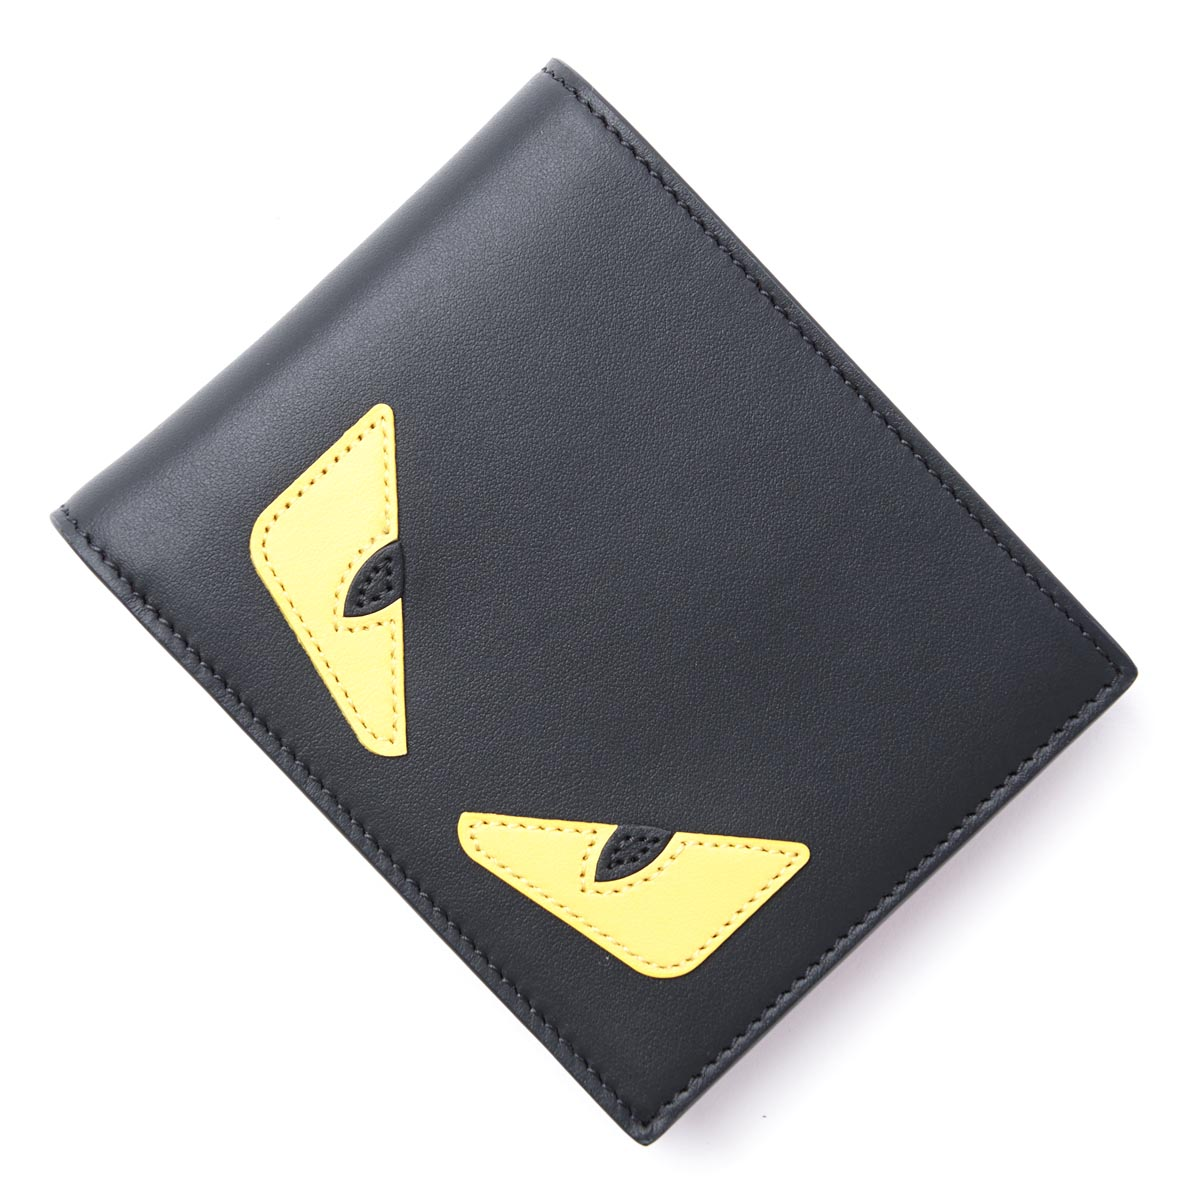 財布・ケース, メンズ財布  FENDI 2 7m0001 o73 f0u9t BUGS EYES